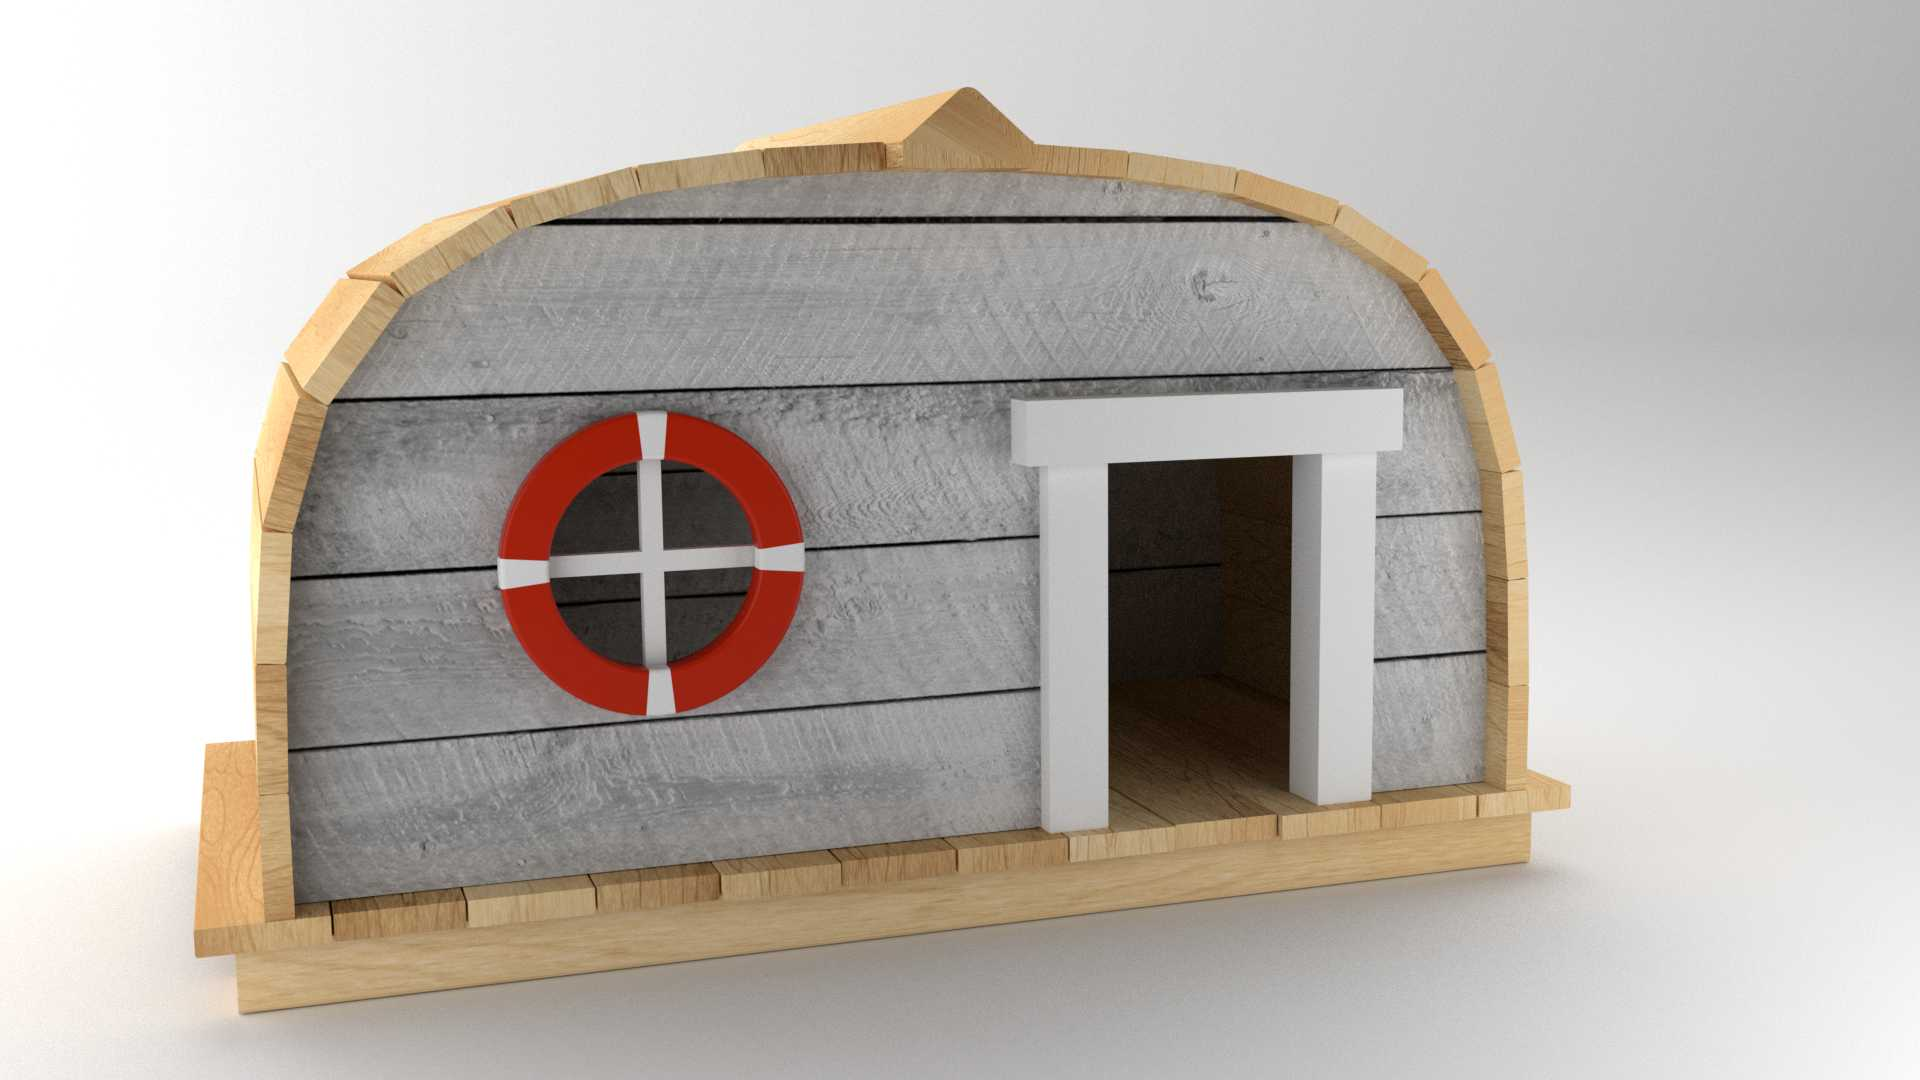 Model Boat Hut Vista 1